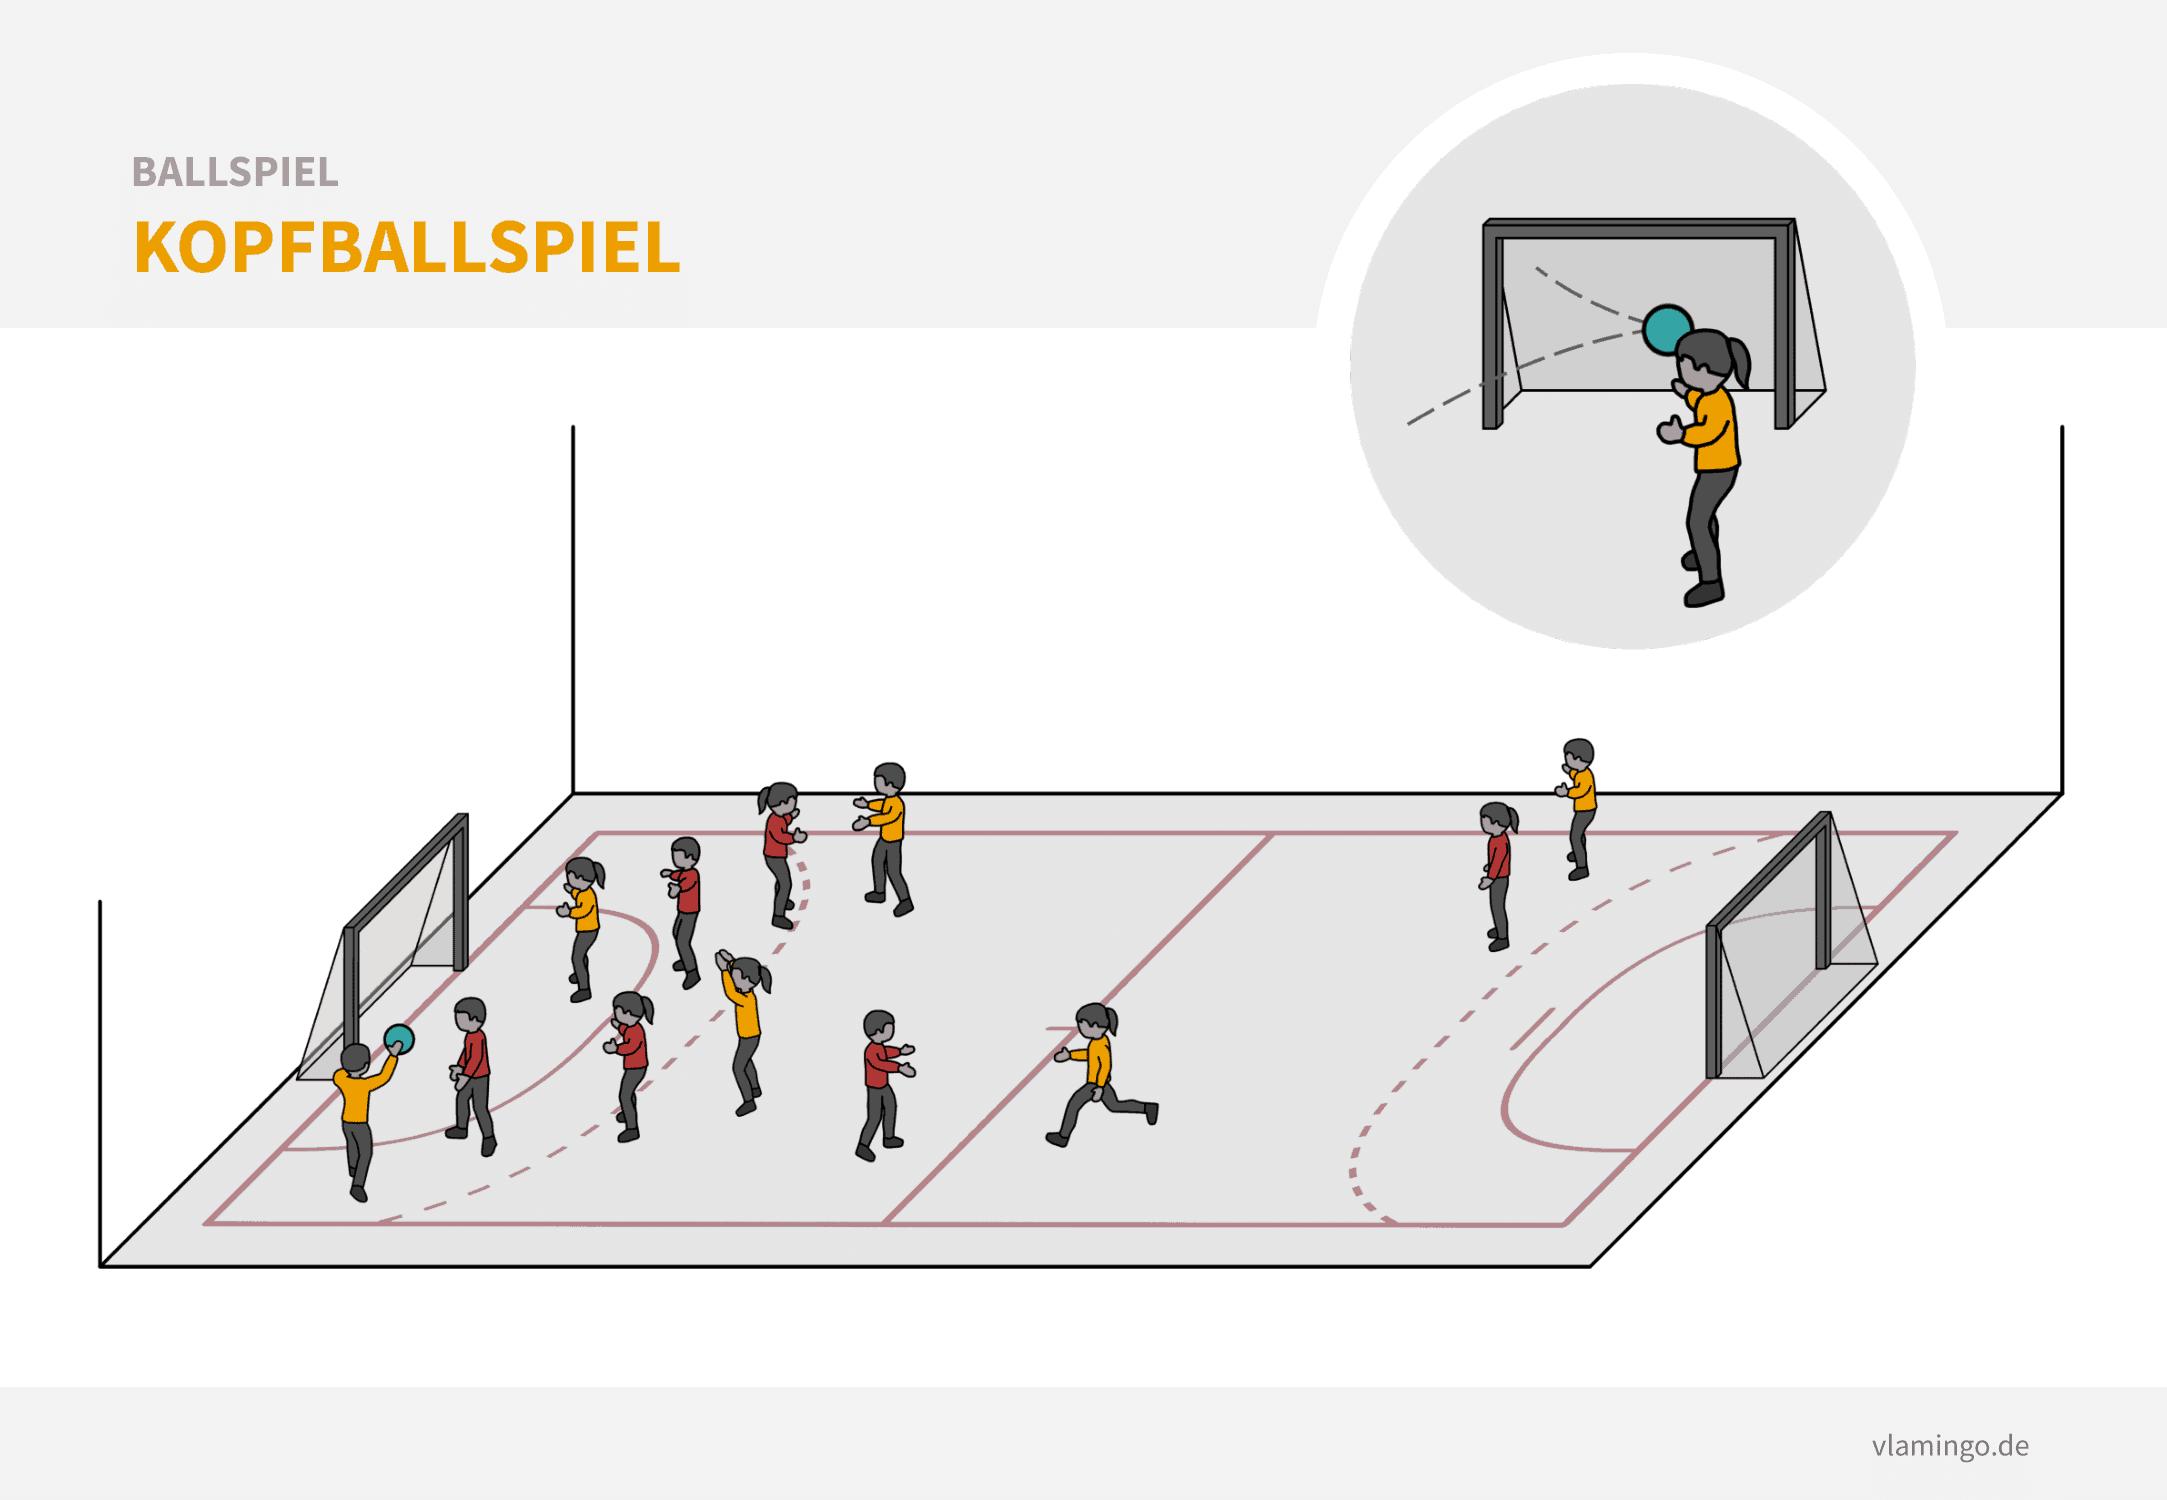 Ballspiel: Kopfballspiel